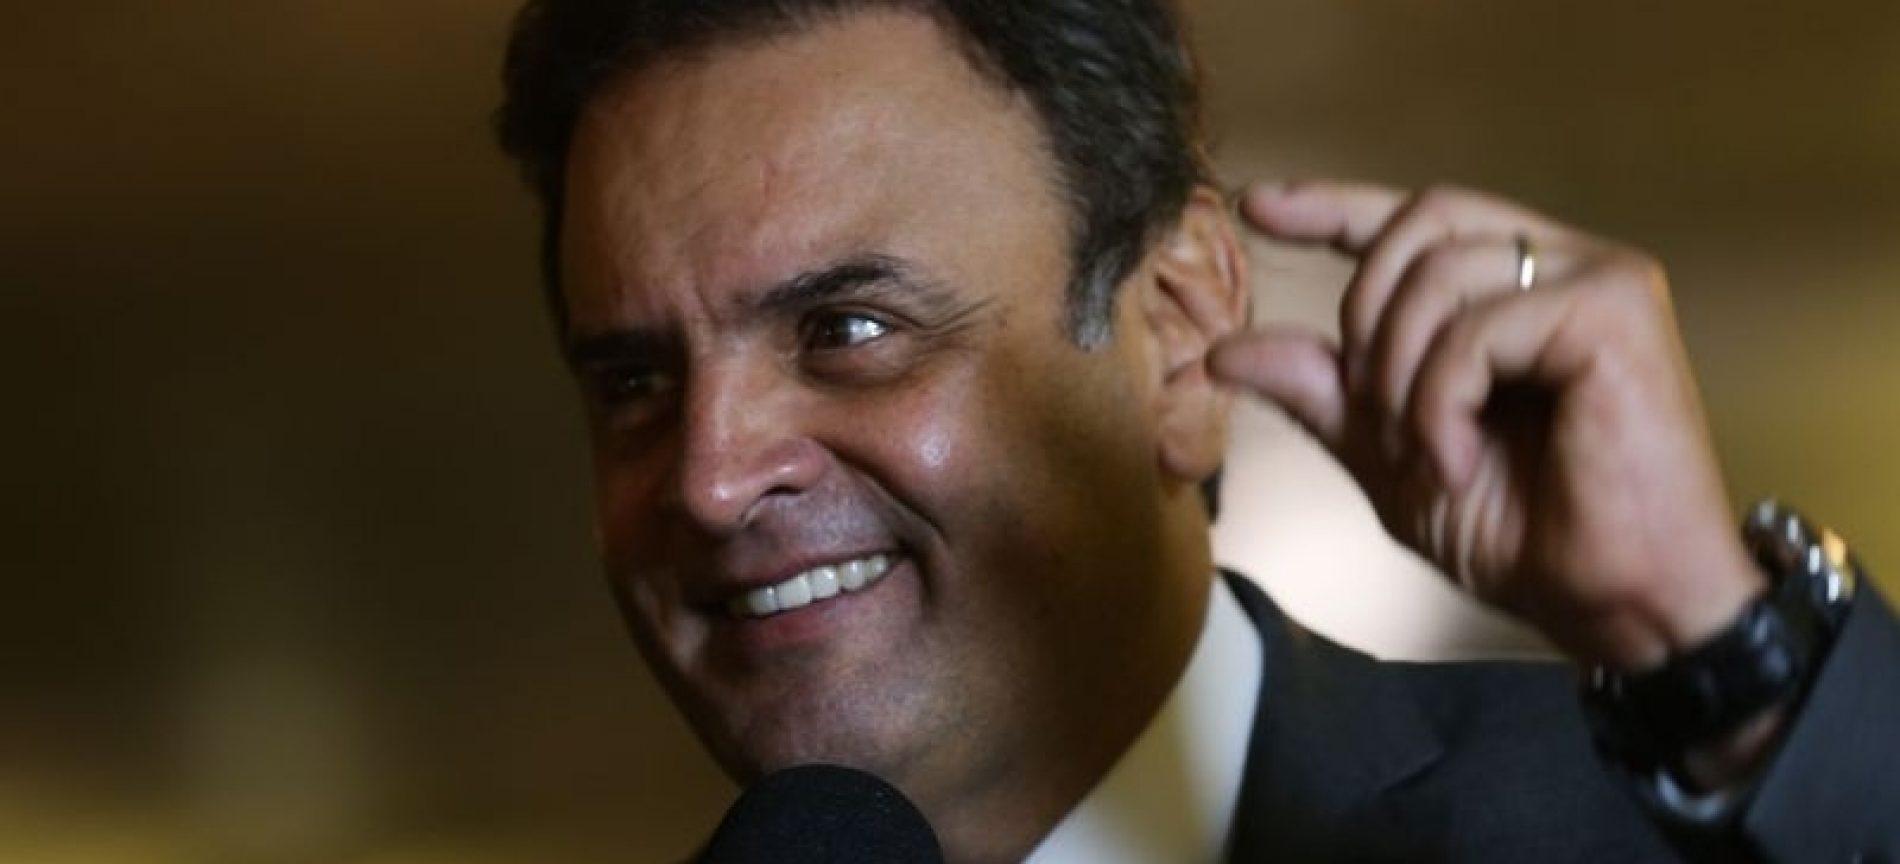 Executiva do PSDB prorroga mandato de Aécio à frente da sigla até maio de 2018